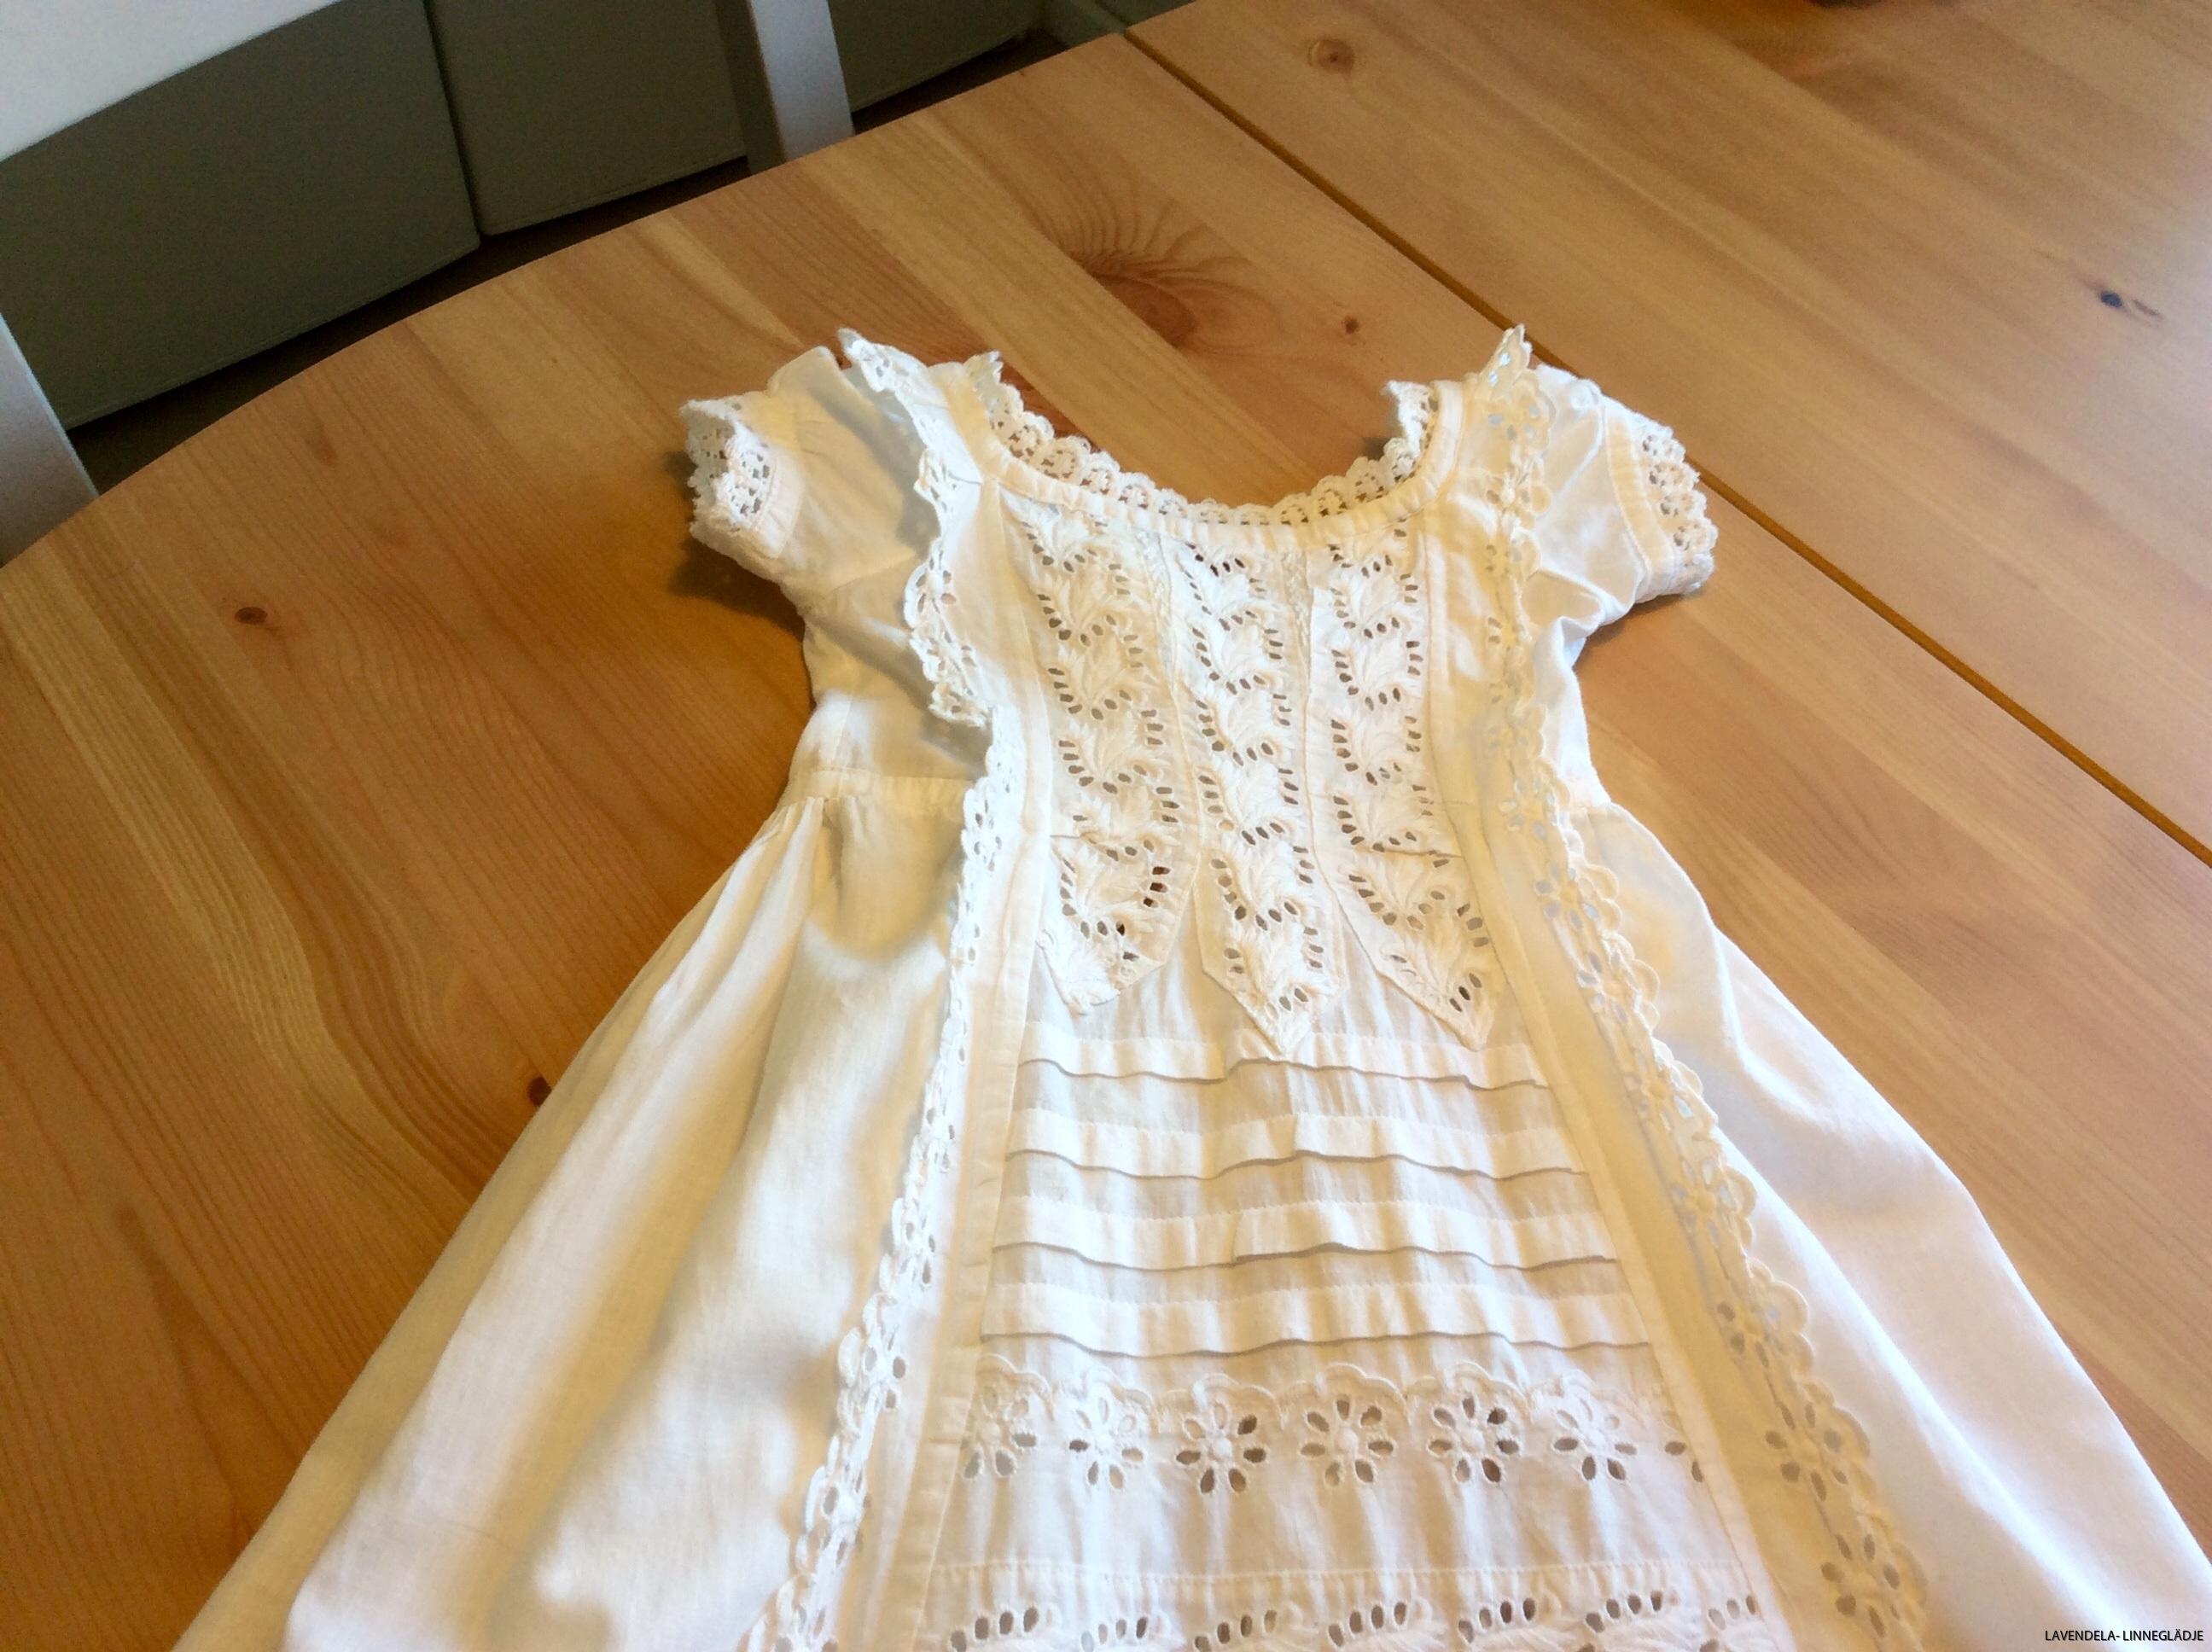 Klänningen är 94 cm lånG